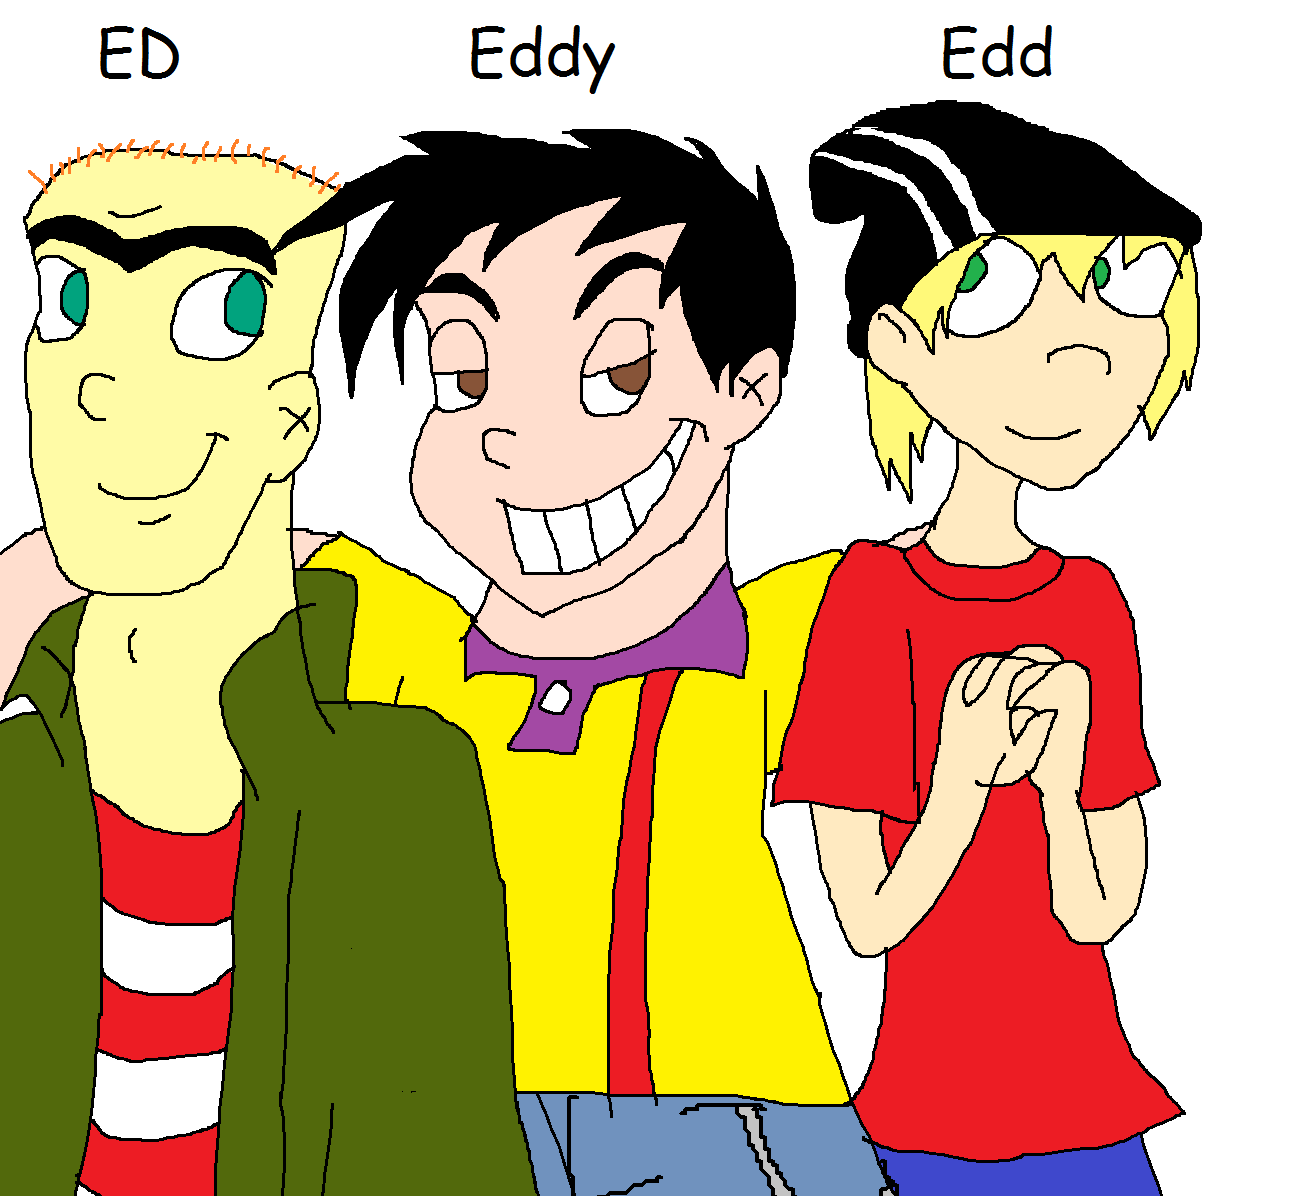 Ed Edd n Eddy by PurfectPrincessGirl on DeviantArt